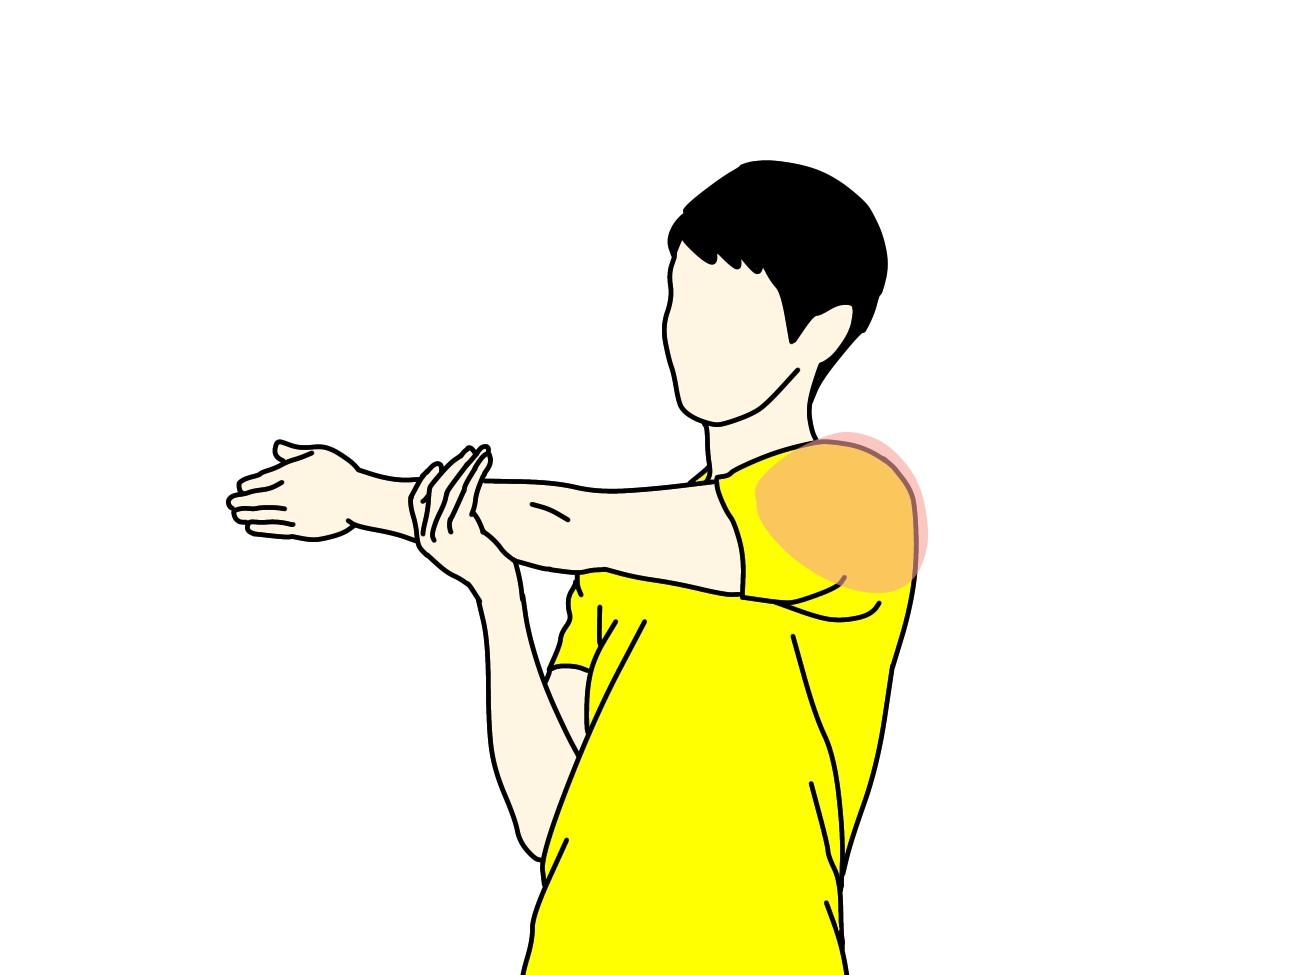 肩の筋肉(三角筋後部)のストレッチで伸びる場所